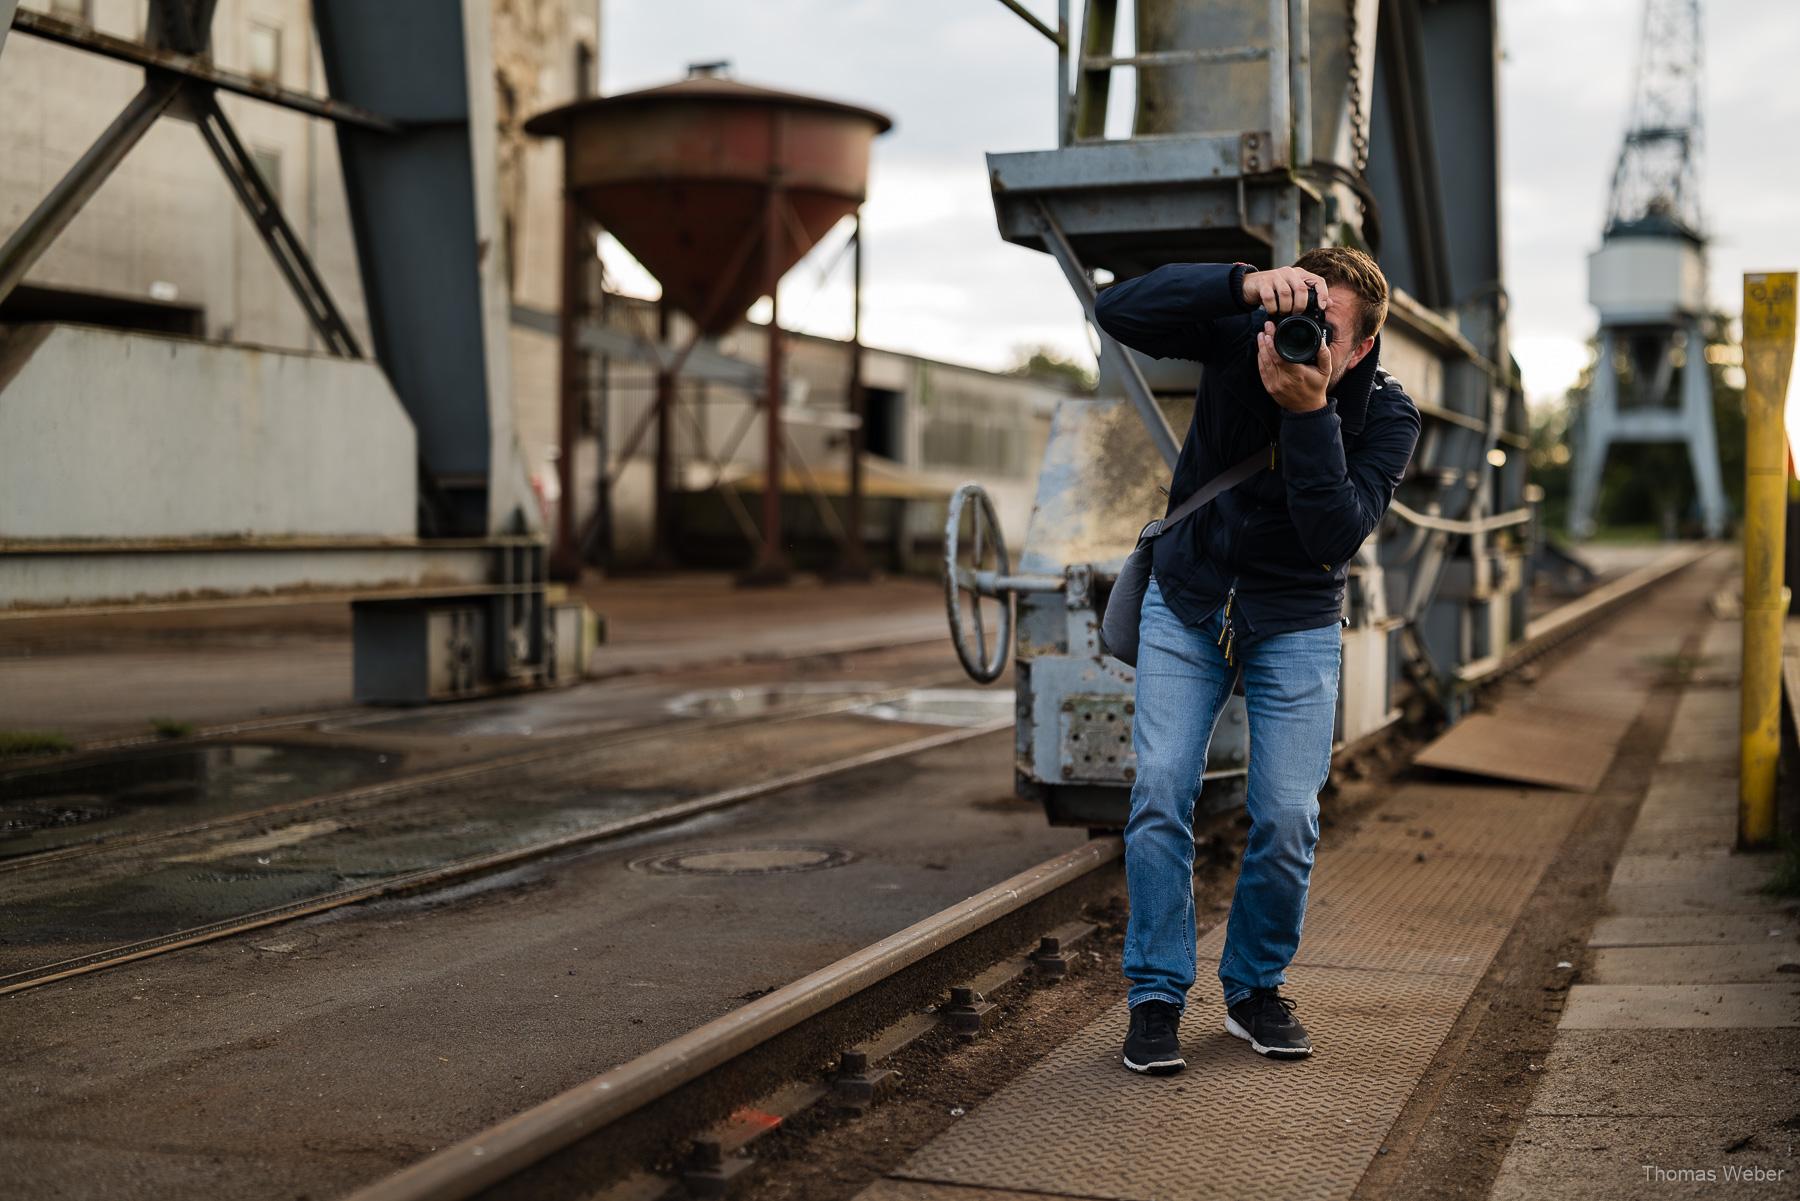 Vorstellung der Panasonic Lumix S5, Markenbotschafter und Fotograf Thomas Weber aus Oldenburg